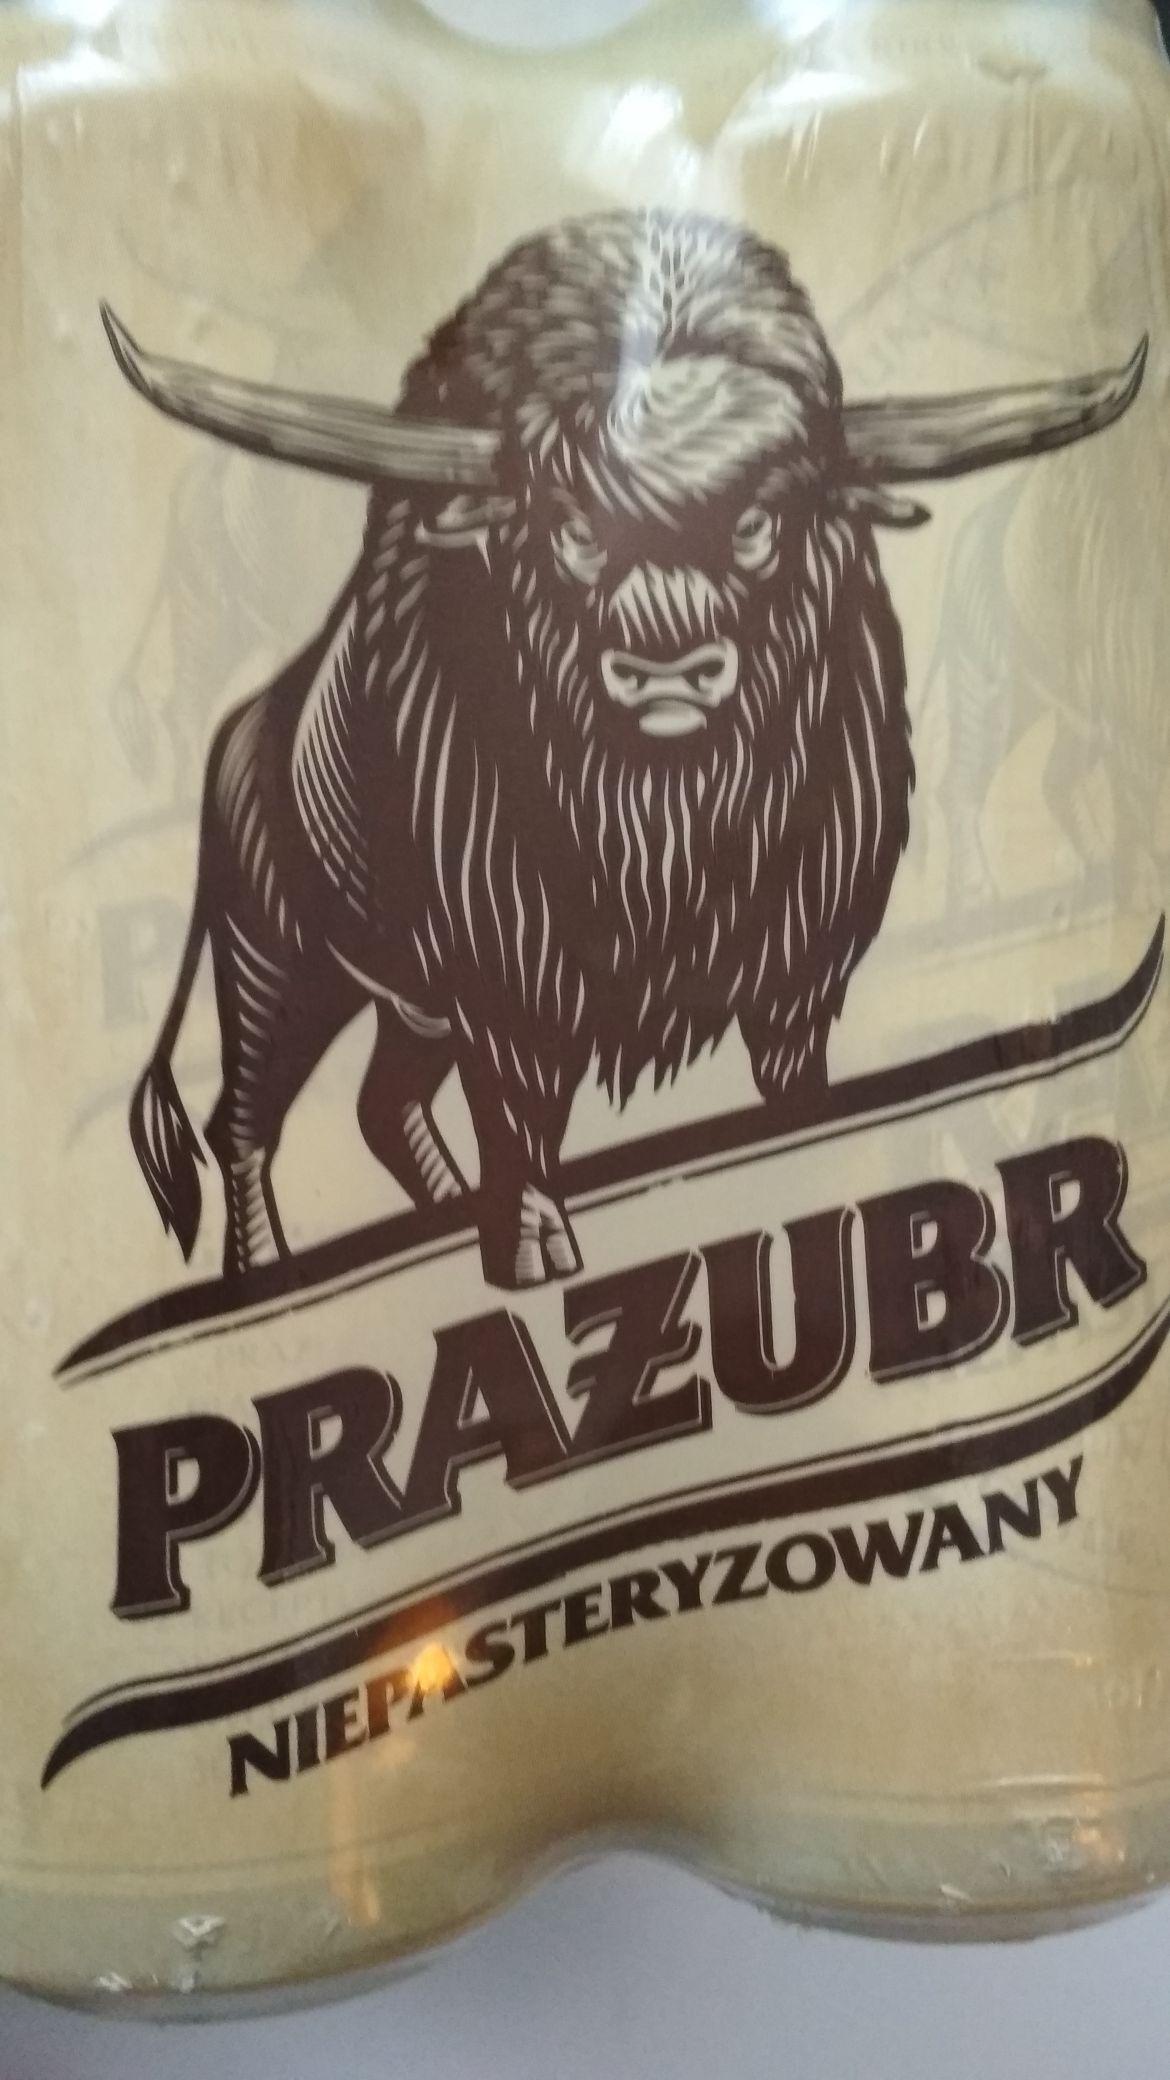 Prażubr Tesco Gdańsk Cienista. Cena za 4 piwa